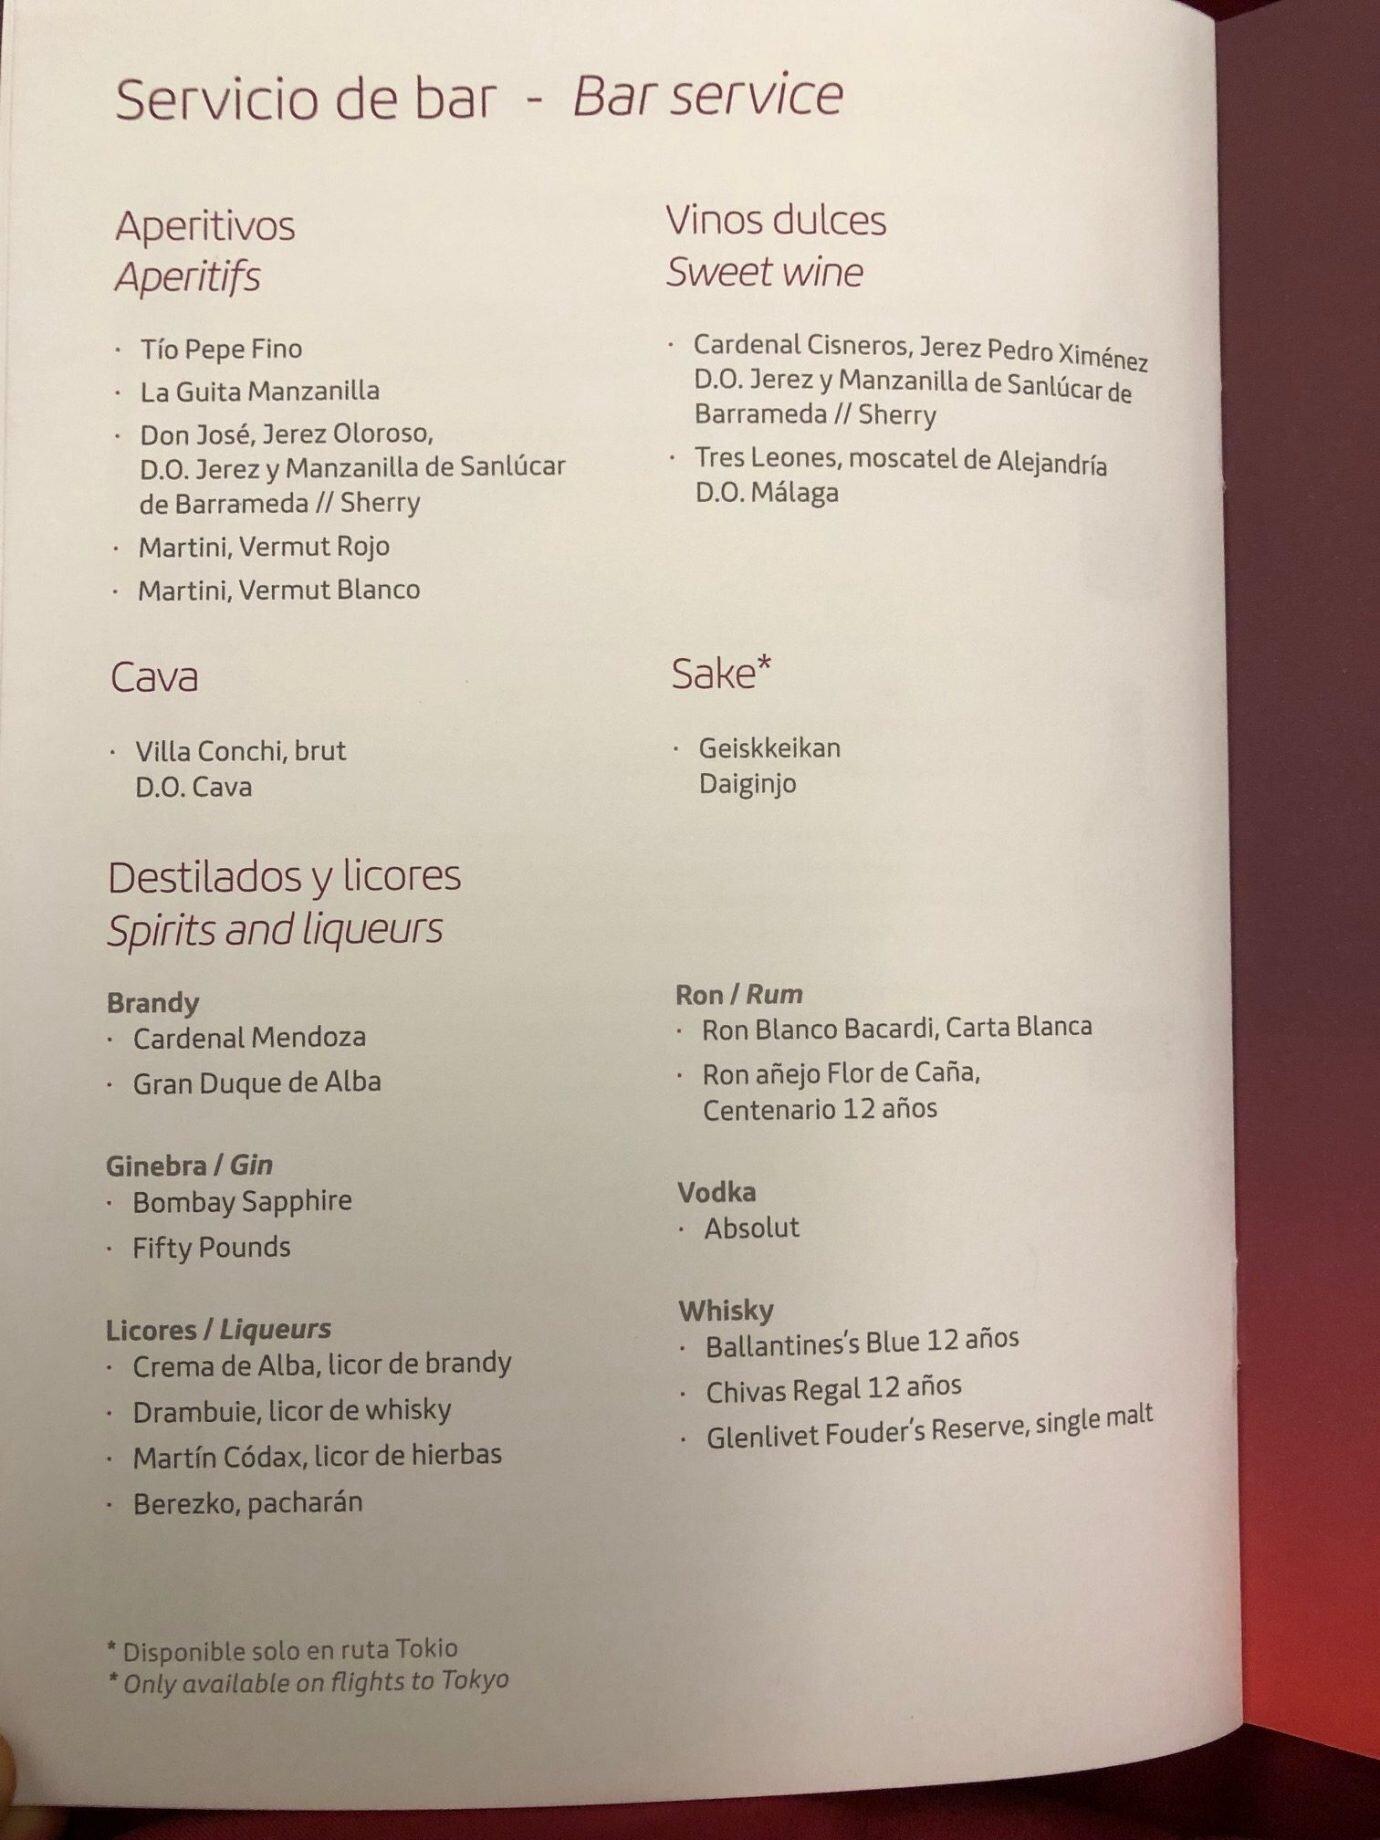 除了紅酒白酒,其他餐前酒、甜酒,甚至日式清酒都有